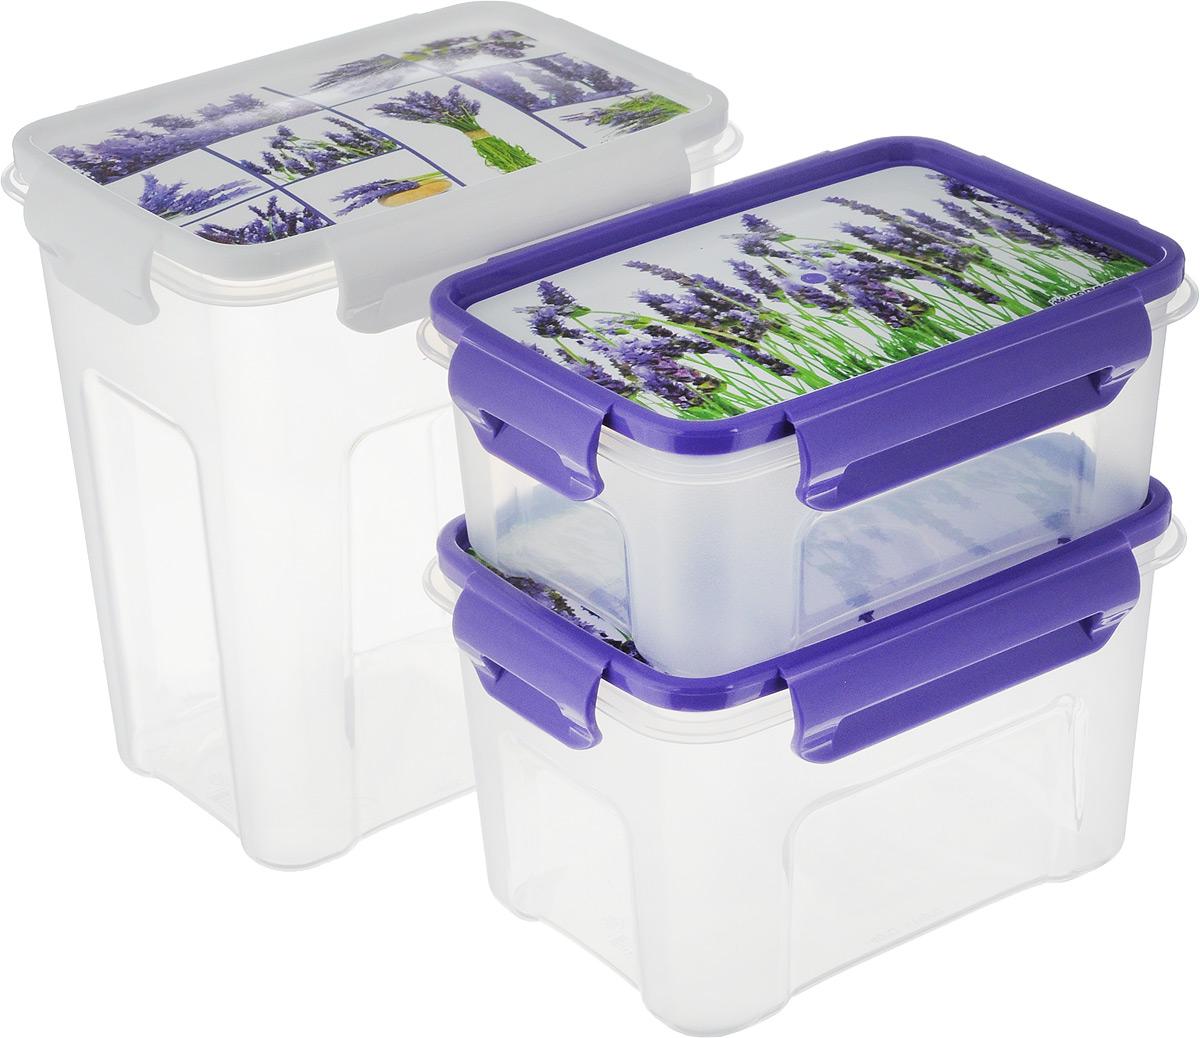 Набор контейнеров для СВЧ Полимербыт Лаванда, с крышками, 3 штSGHPBKP102Набор Полимербыт Лаванда состоит из трех прямоугольных контейнеров для СВЧ, изготовленных из высококачественного пищевого пластика, который выдерживает температуру от -40°С до +110°С. Стенки изделий прозрачные. Контейнеры оснащены крышками, оформленными цветочными изображениями, которые плотно закрываются на 4 защелки, дольше сохраняя продукты свежими и вкусными. Емкости удобно брать с собой на работу, учебу, пикник или просто использовать для хранения пищи в холодильнике. Можно использовать в микроволновой печи. Можно мыть в посудомоечной машине. Объем контейнеров: 0,75 л; 1,1 л; 1,8 л. Размер контейнеров (по верхнему краю): 15,5 см х 11 см. Высота (без учета крышки): 6,5 см; 9,5 см; 17 см.